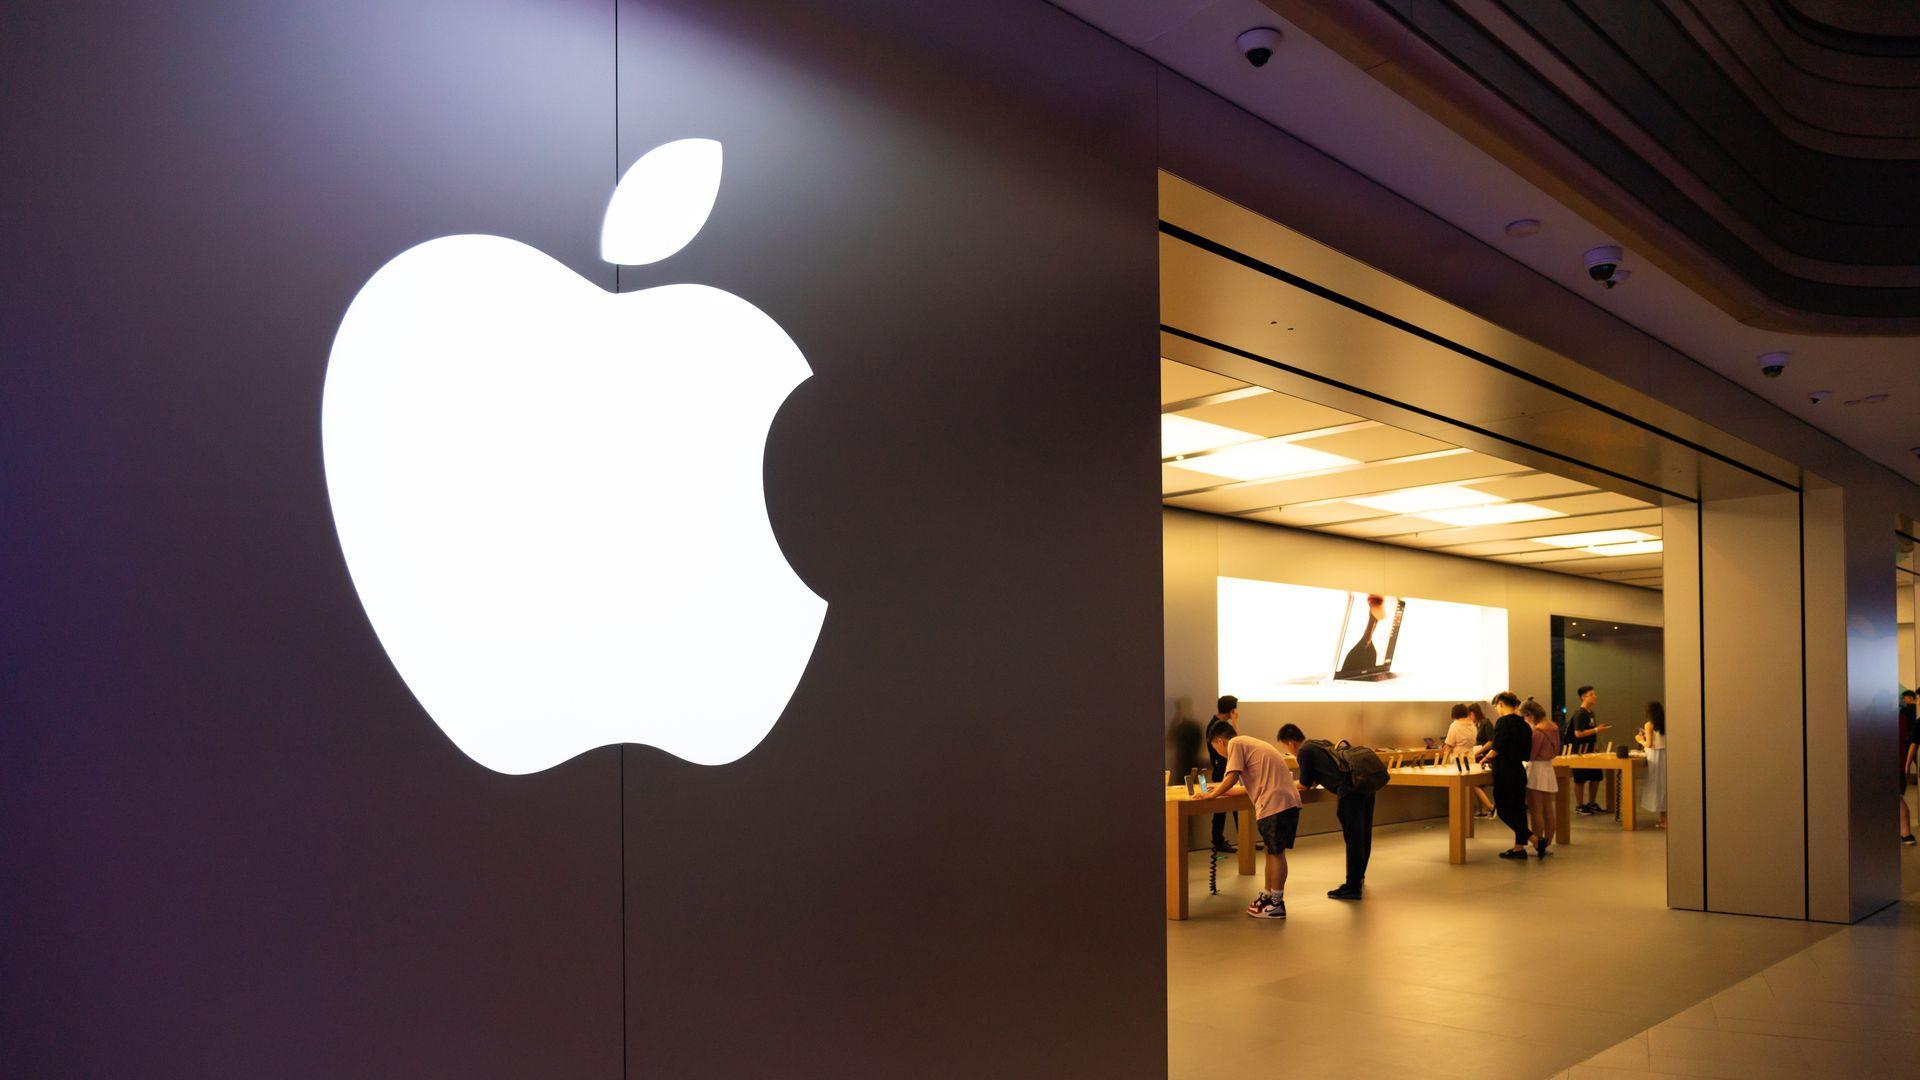 Apple in talks to buy Intel's $1 billion modem business